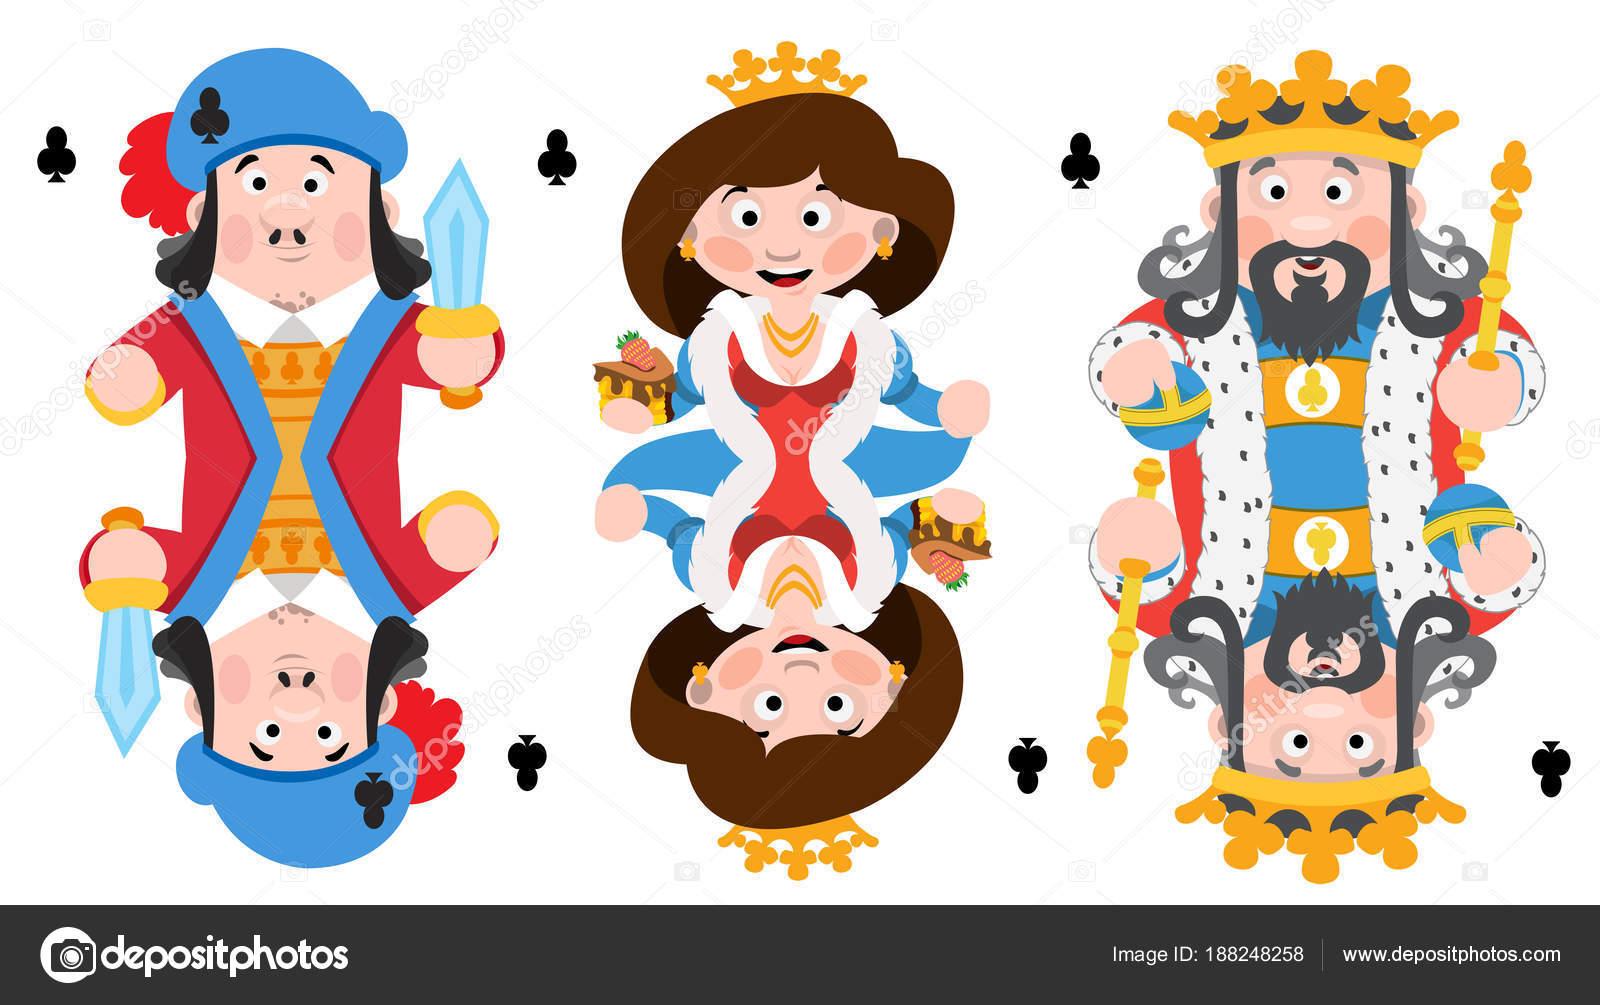 Rey Príncipe Reina Clubes Jugando Las Cartas Con Personajes Dibujos